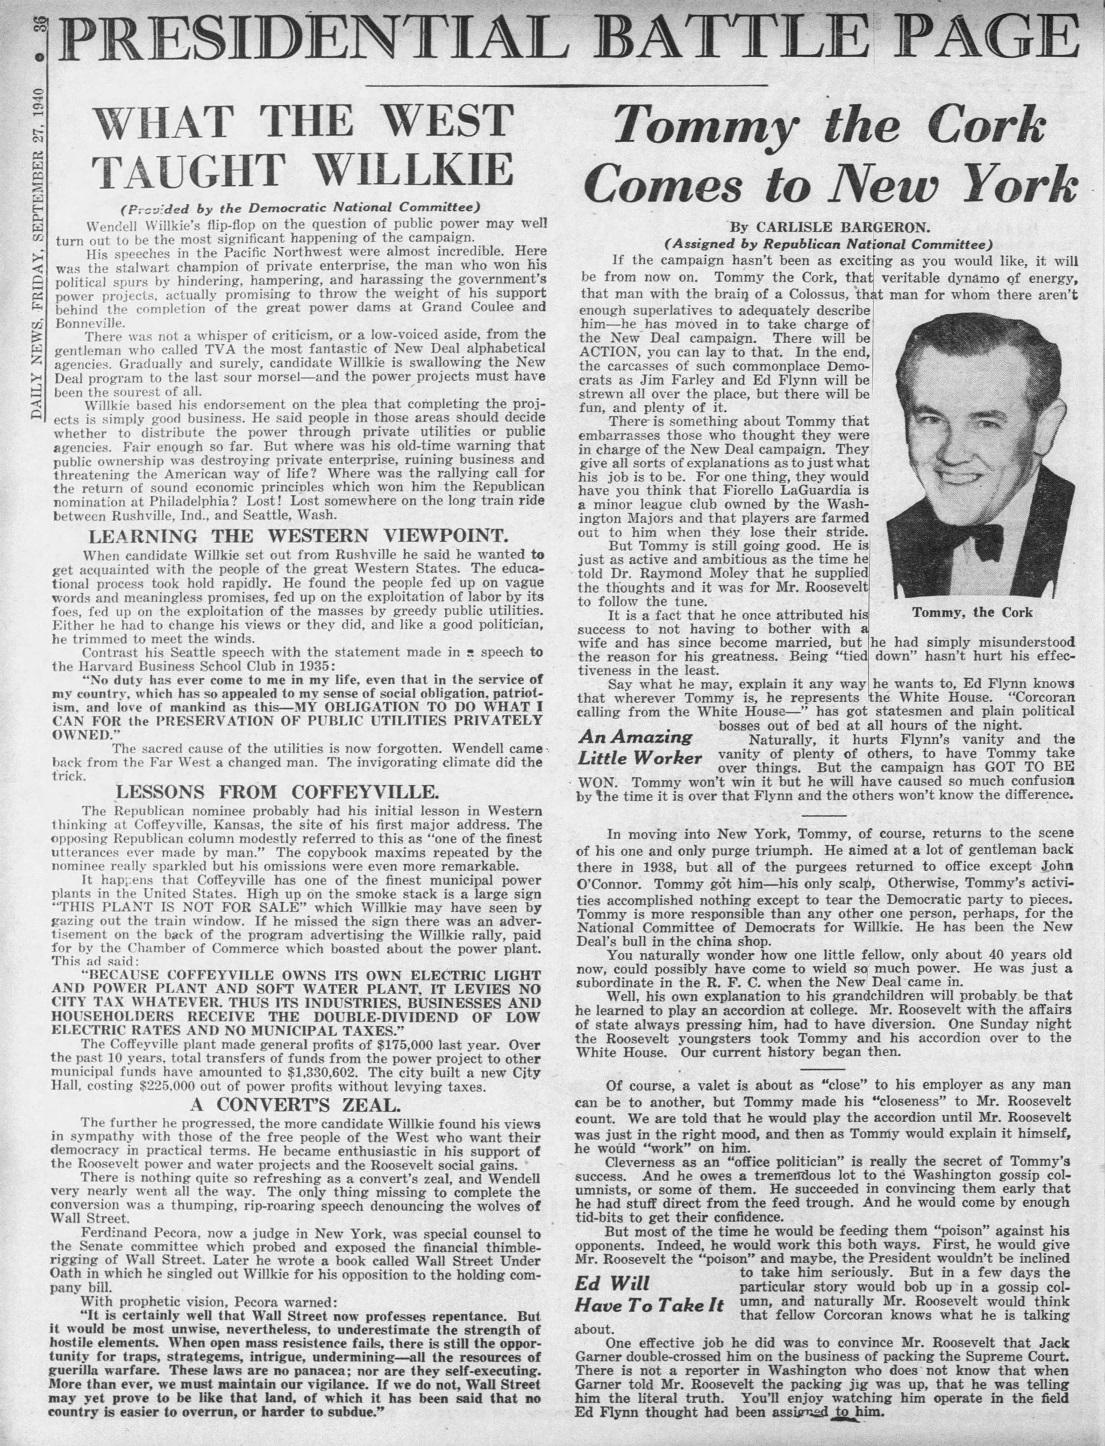 Daily_News_Fri__Sep_27__1940_(1).jpg